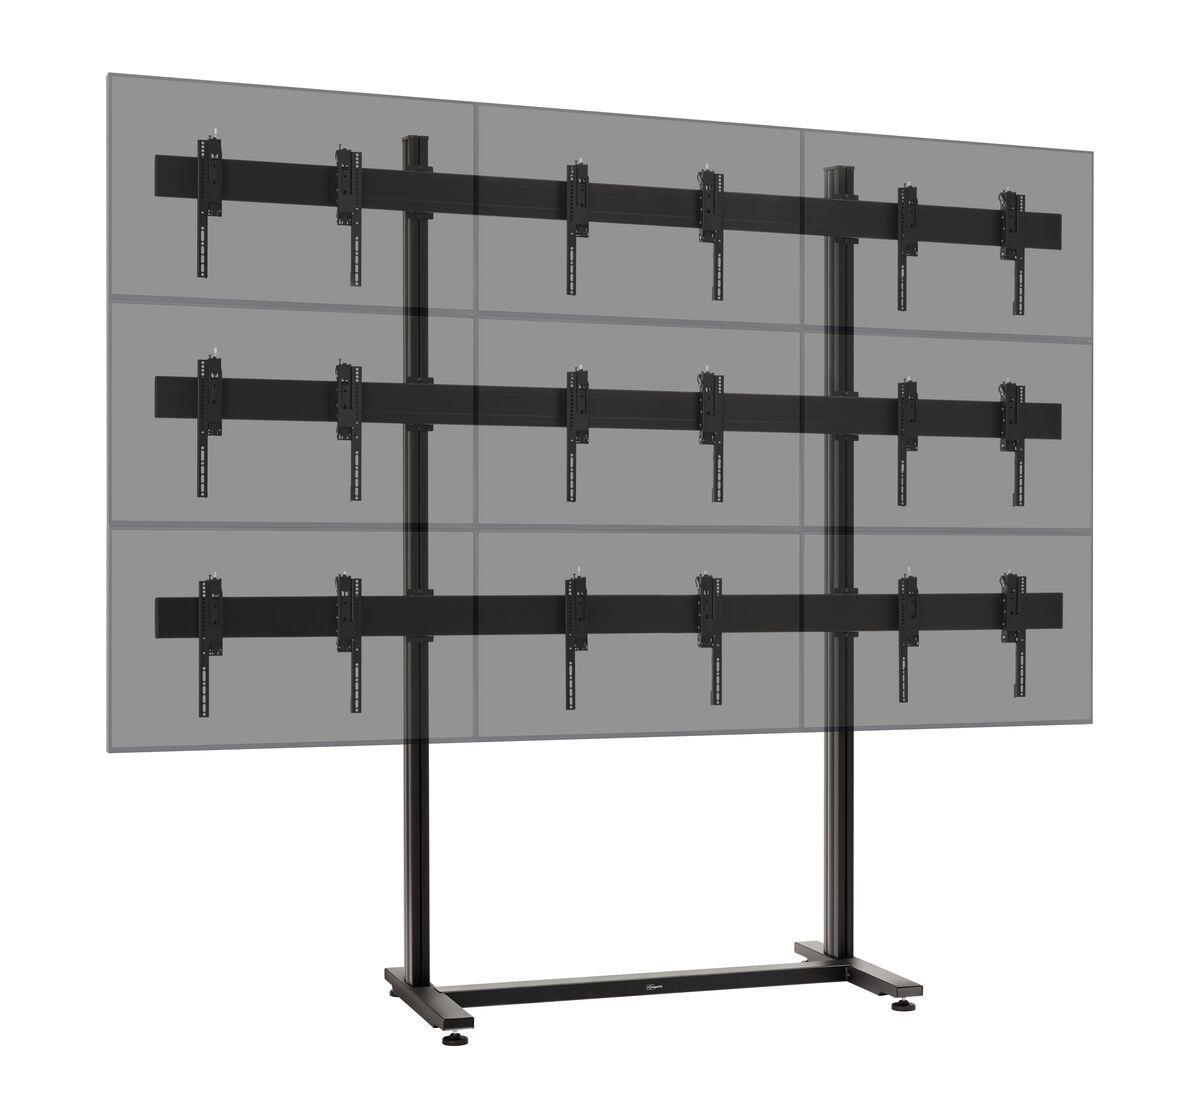 Vogel's FVW3355 Stojak podłogowy do ekranów wideo o wymiarach 3x3 - Application